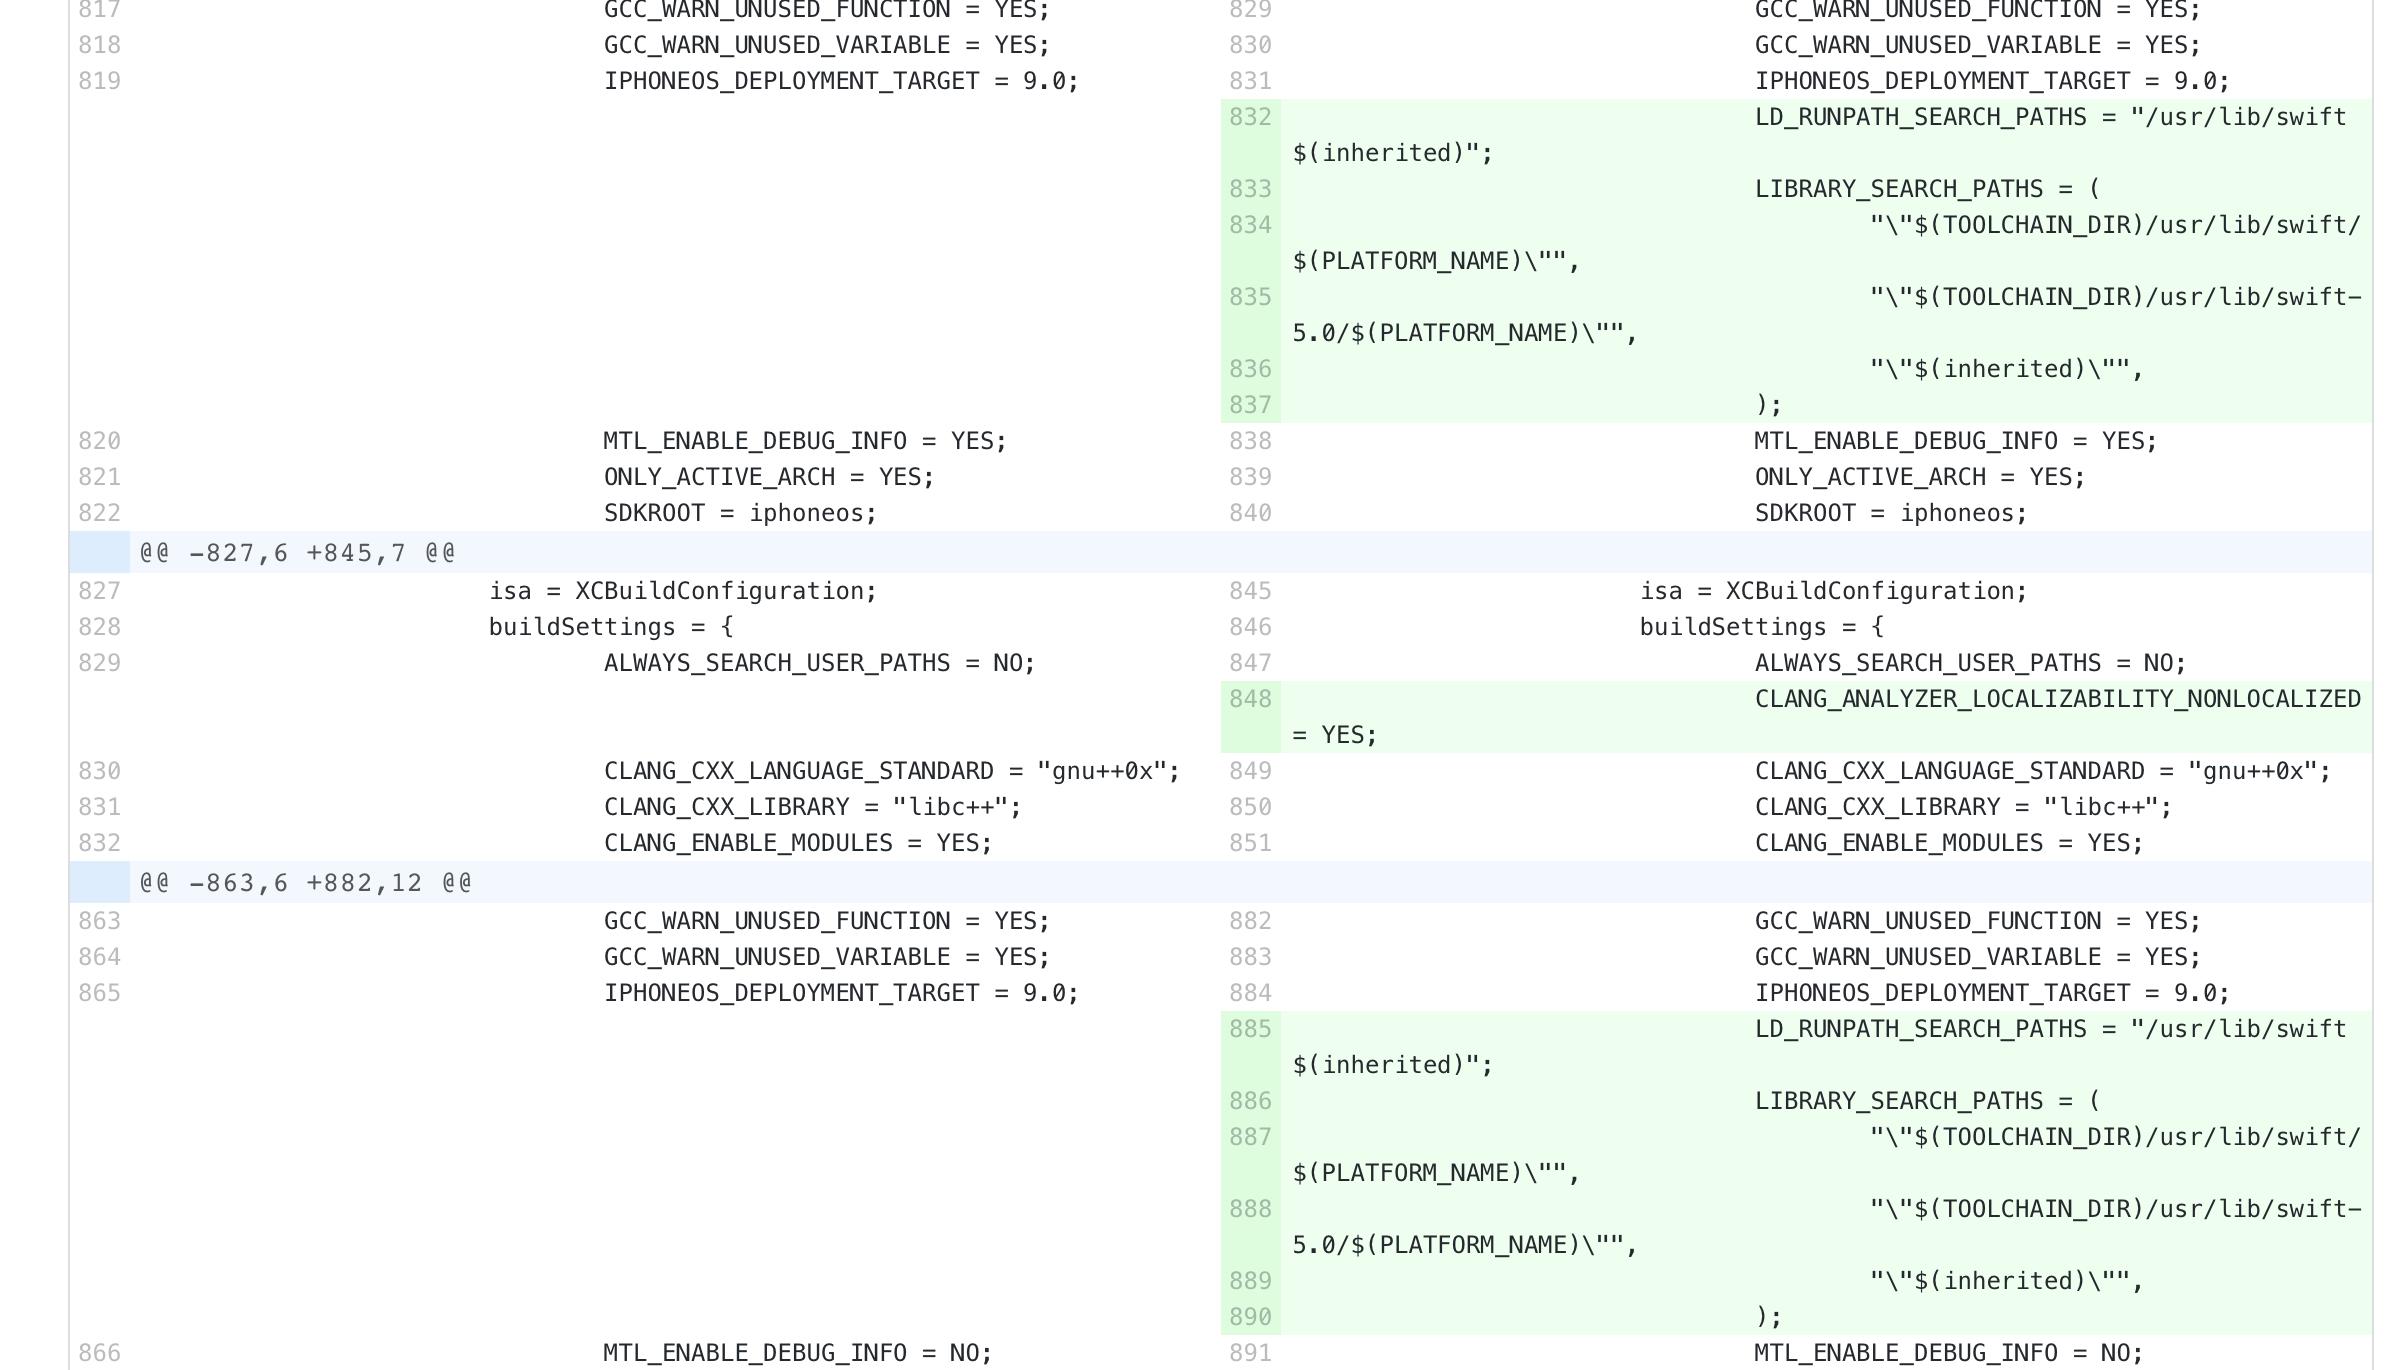 Screenshot 2020-03-27 at 13 10 08